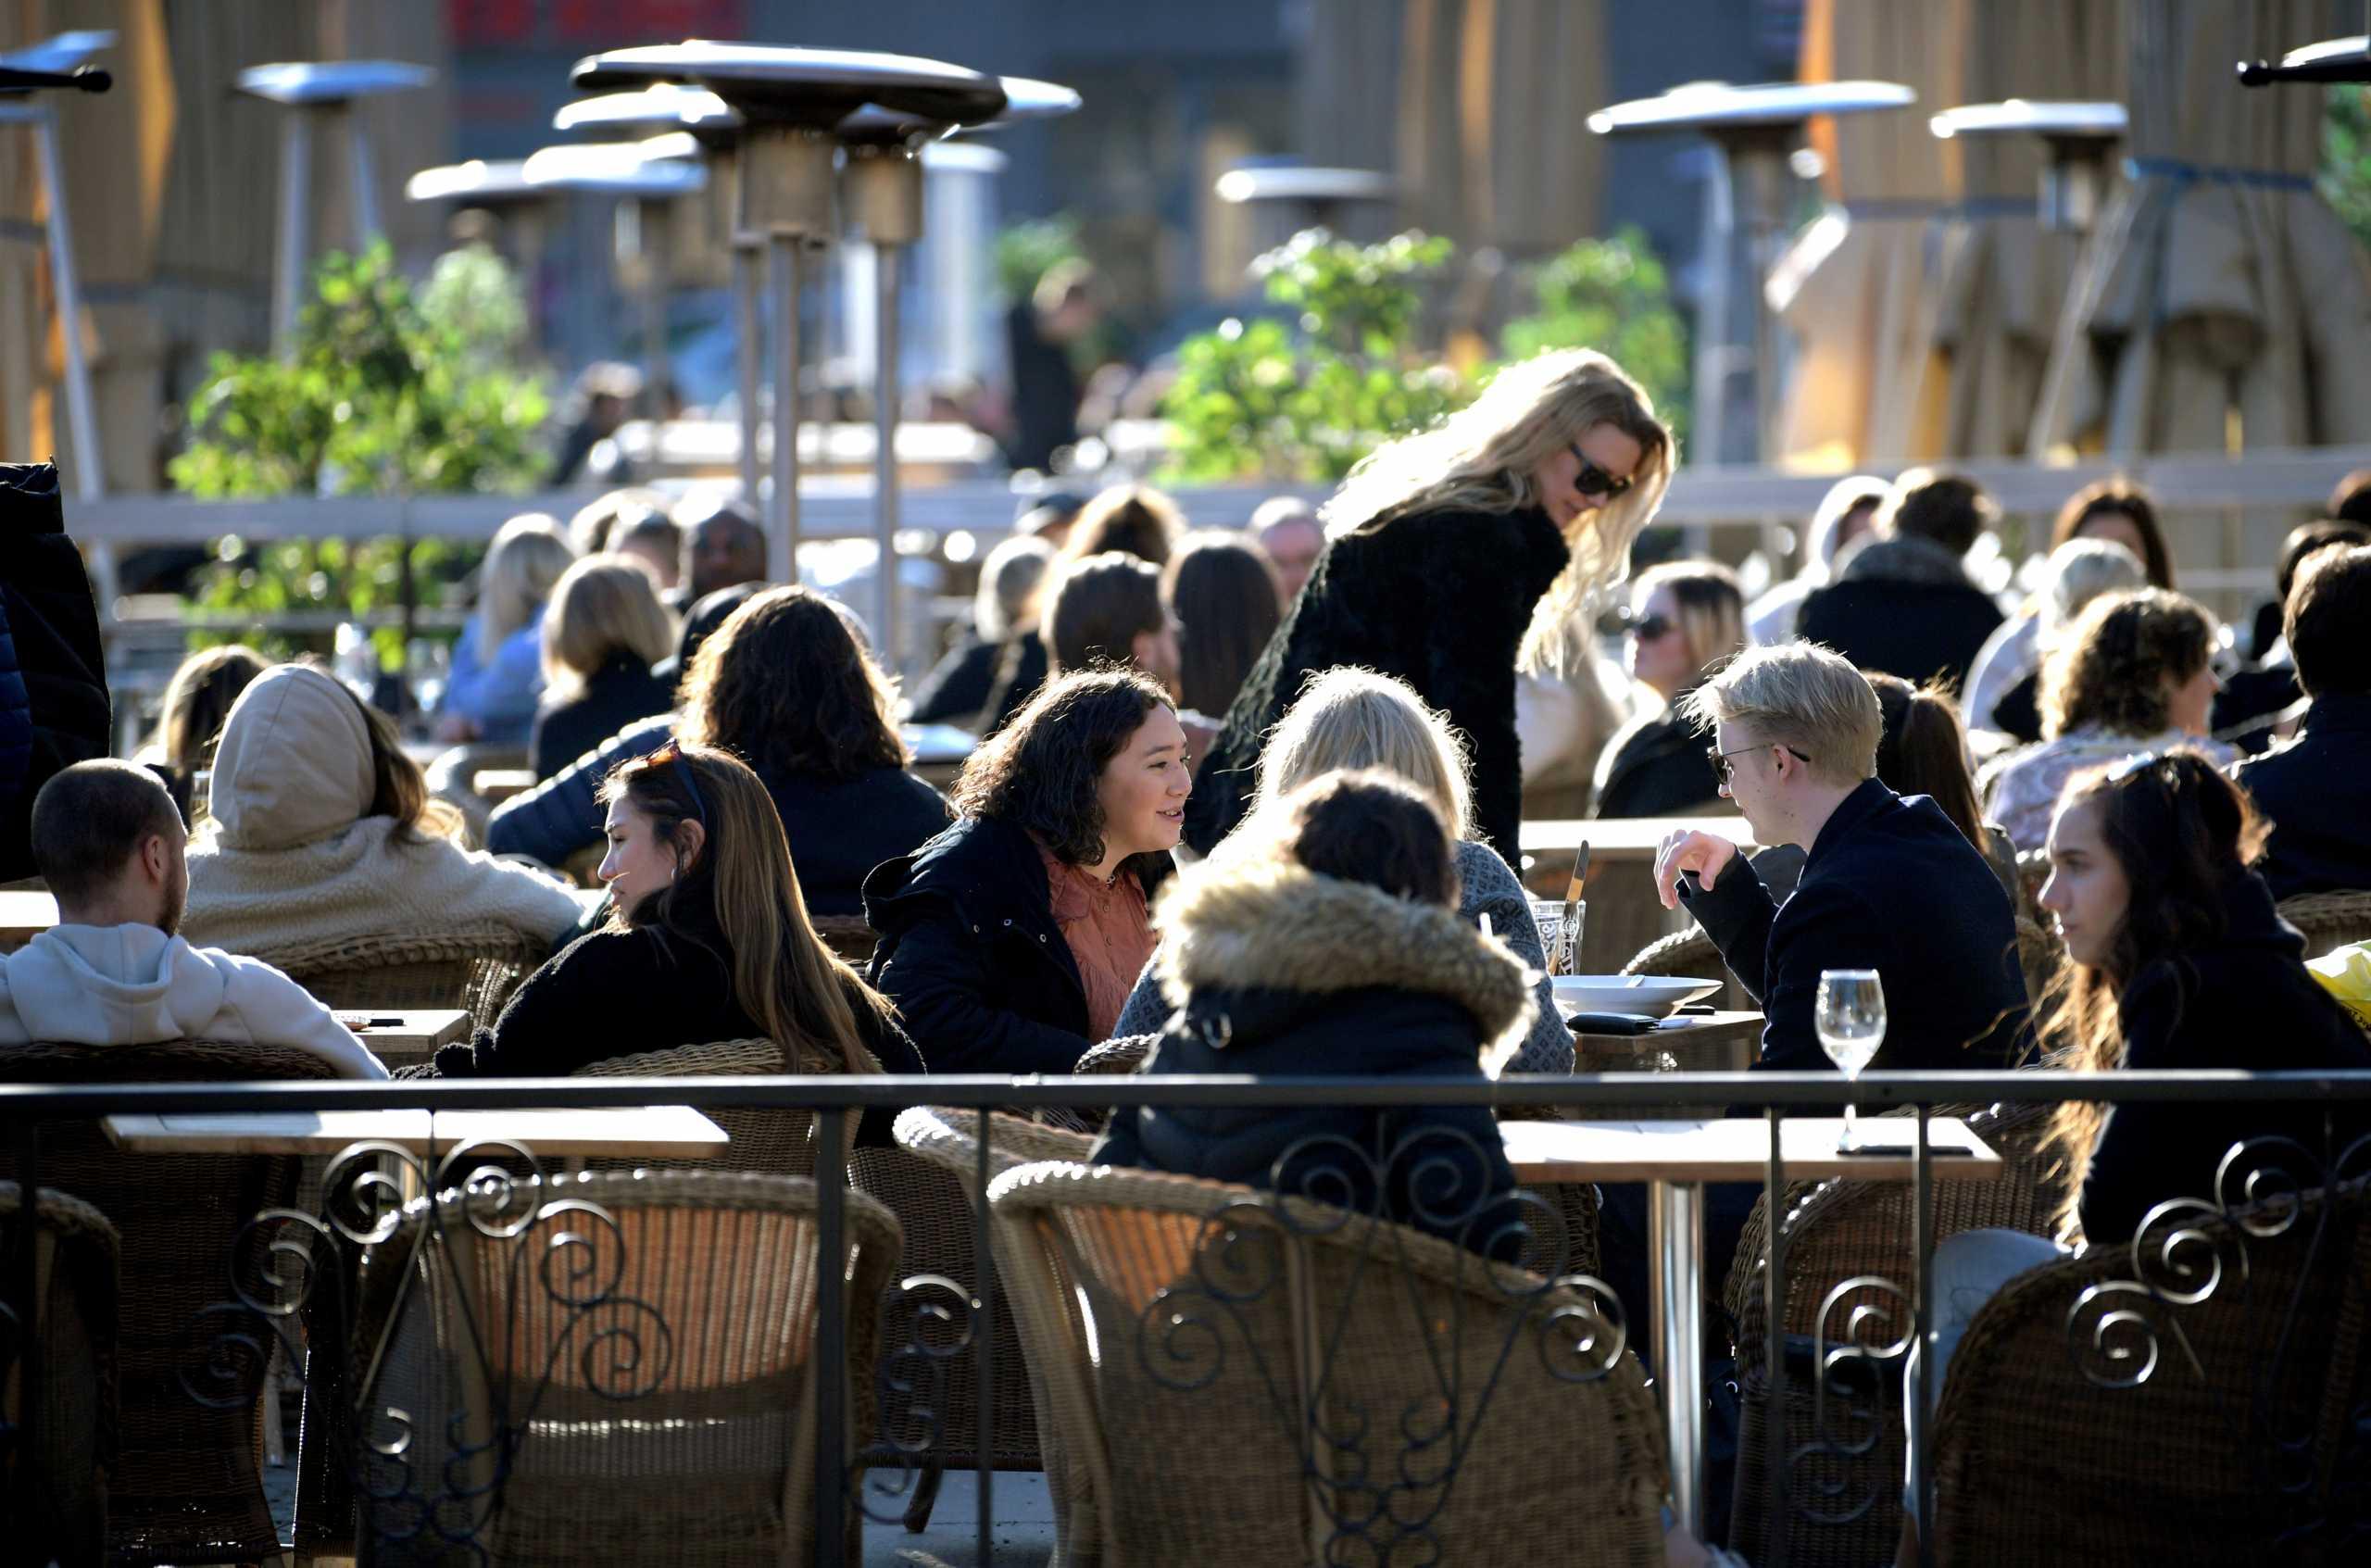 Σουηδία: Παράταση στα μέτρα για τον κορονοϊό ζητούν οι ειδικοί